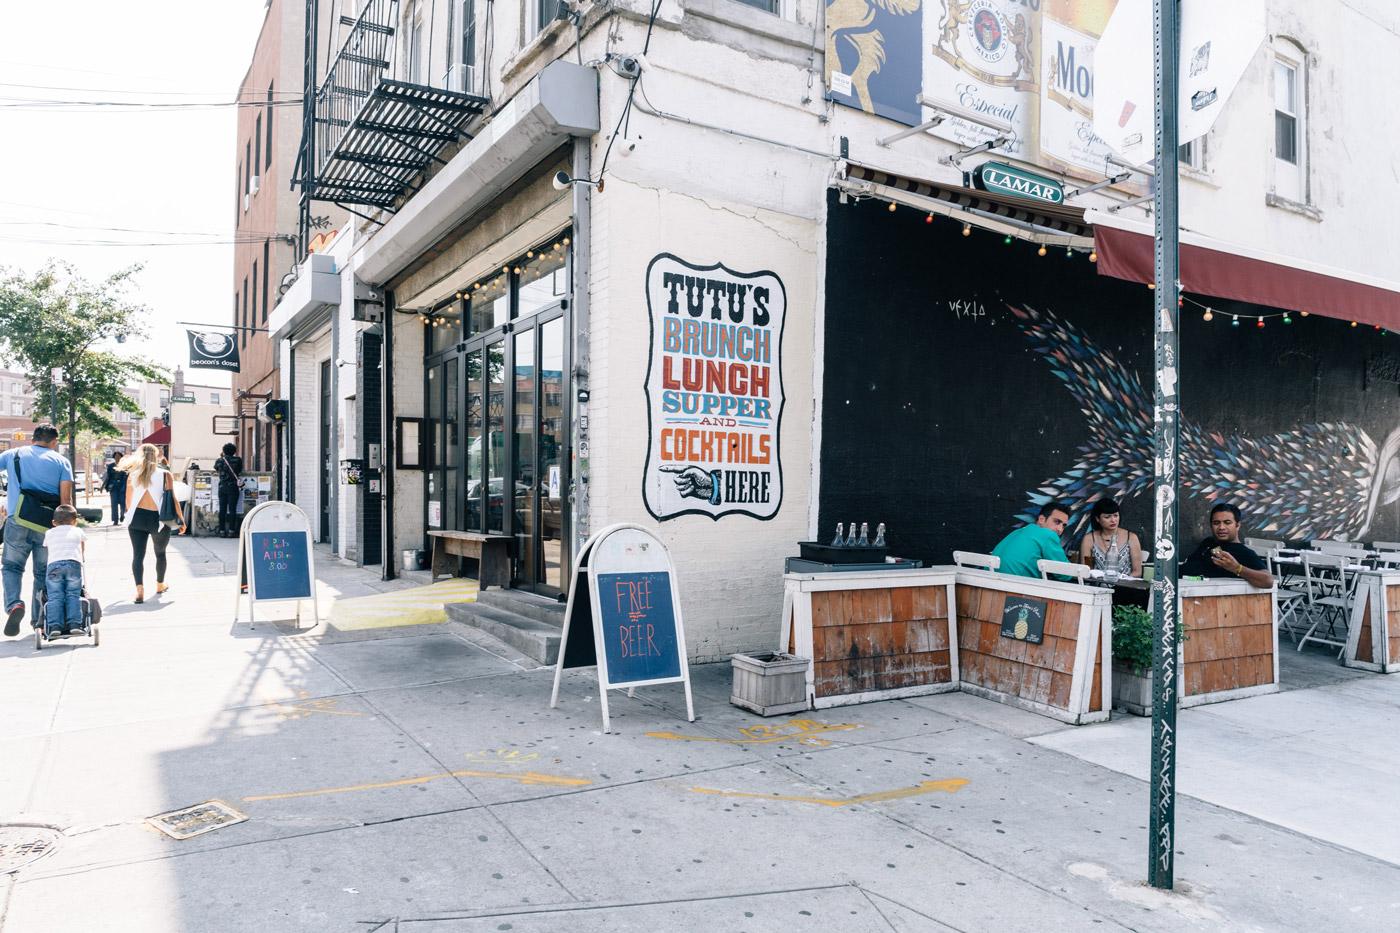 Dining at Tutu's in Bushwick, Brooklyn